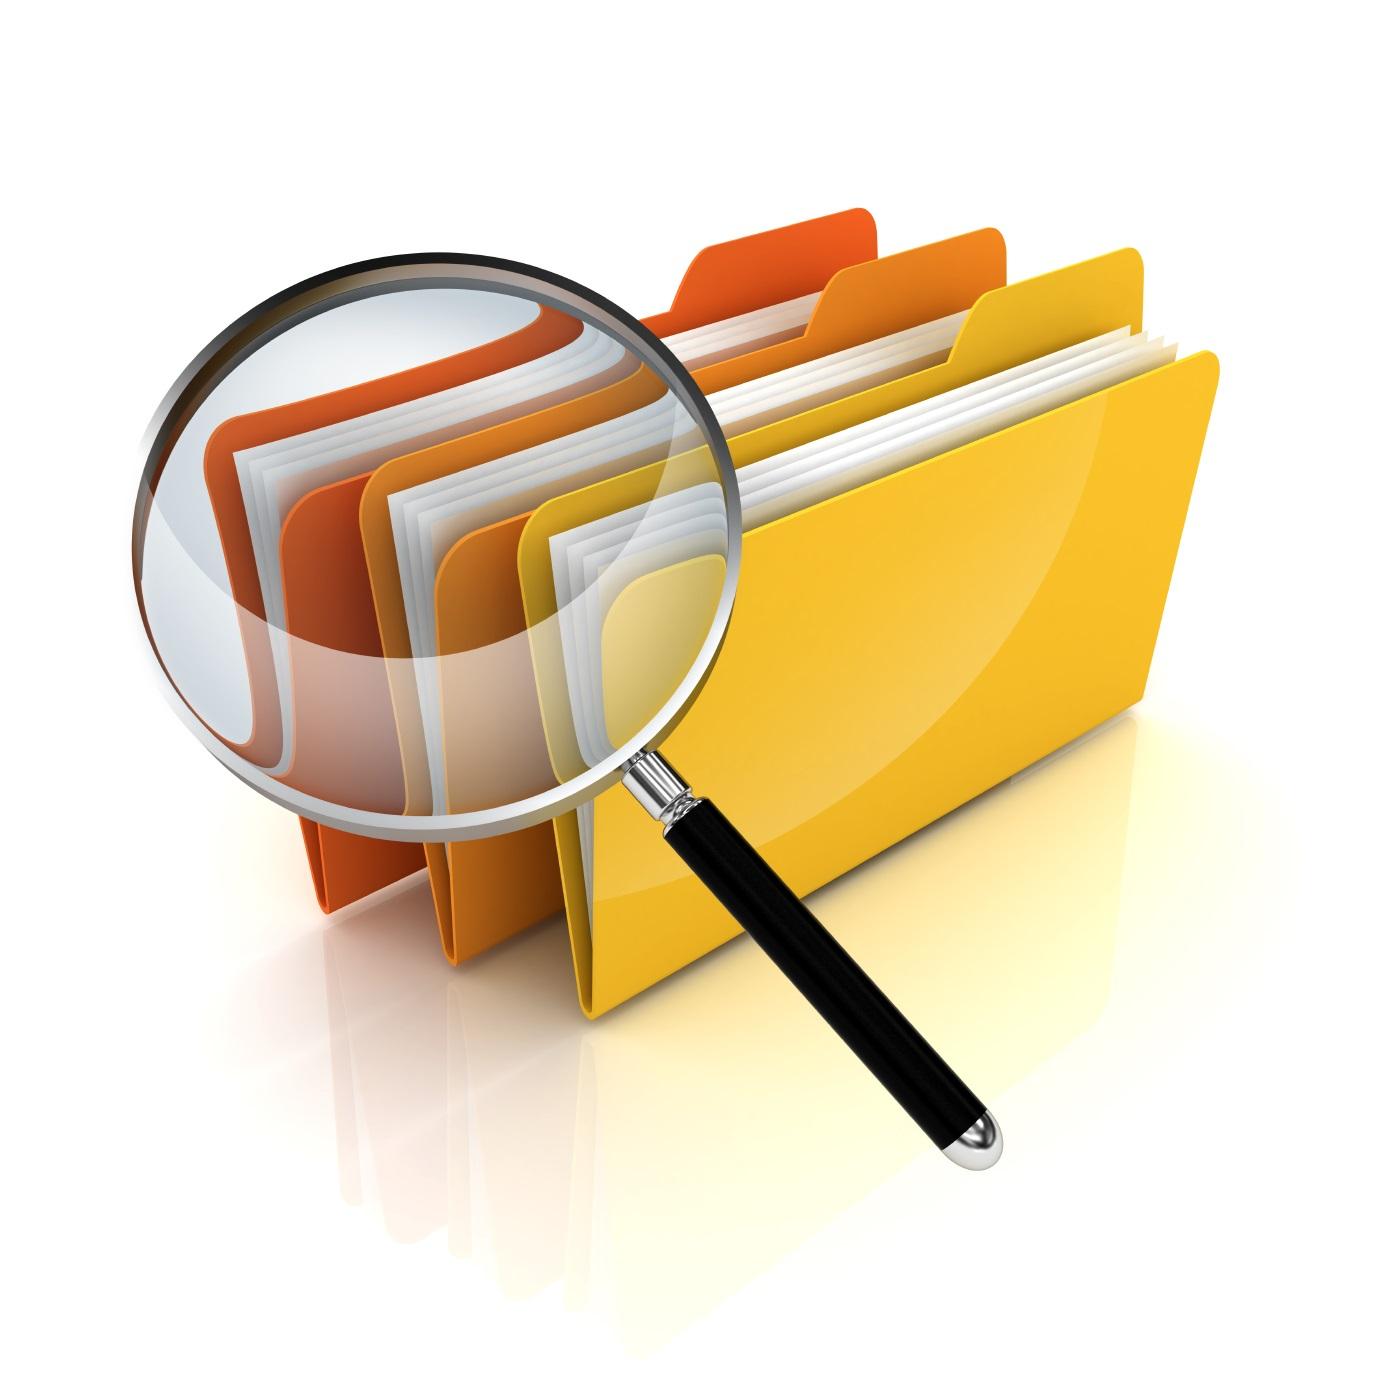 Thông tư số 31/2015 /TT-BTTTT có hiệu lực từ ngày 25/12/2015 thông tư này thay thế cho thông tư số 11/2012/TT-BTTTT, quy định danh mục hàng hóa công nghệ thông tin đã qua sử dụng CẤM NHẬP KHẨU